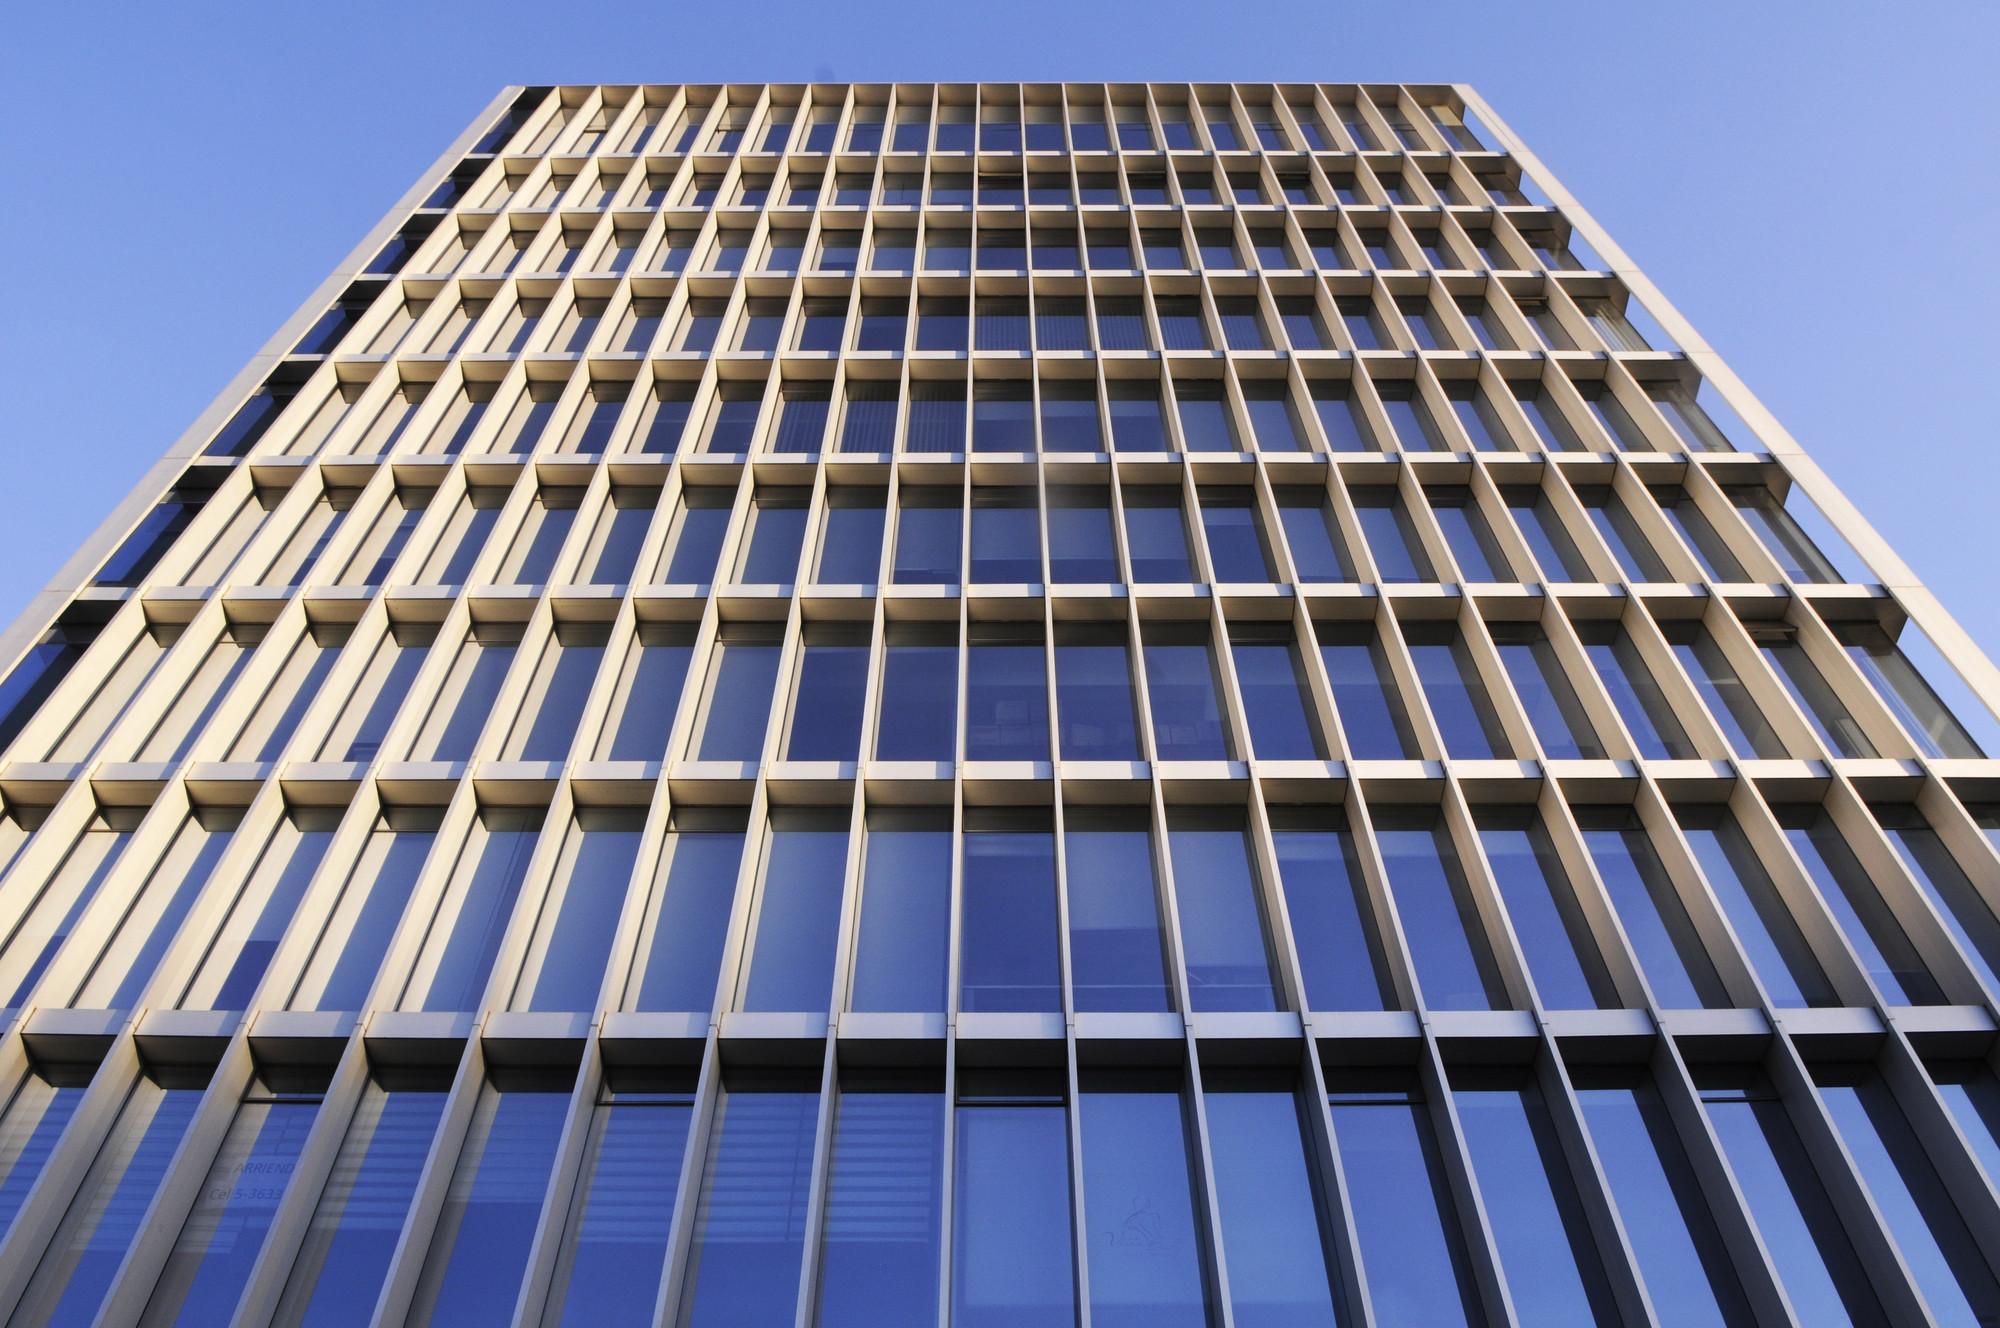 Arquitetura e Engenharia Estrutural: uma sinergia necessária no país com maior atividade sísmica no mundo, Edifício de Escritórios Lo Fontecilla / + arquitect. Imagem Cortesia de Bming